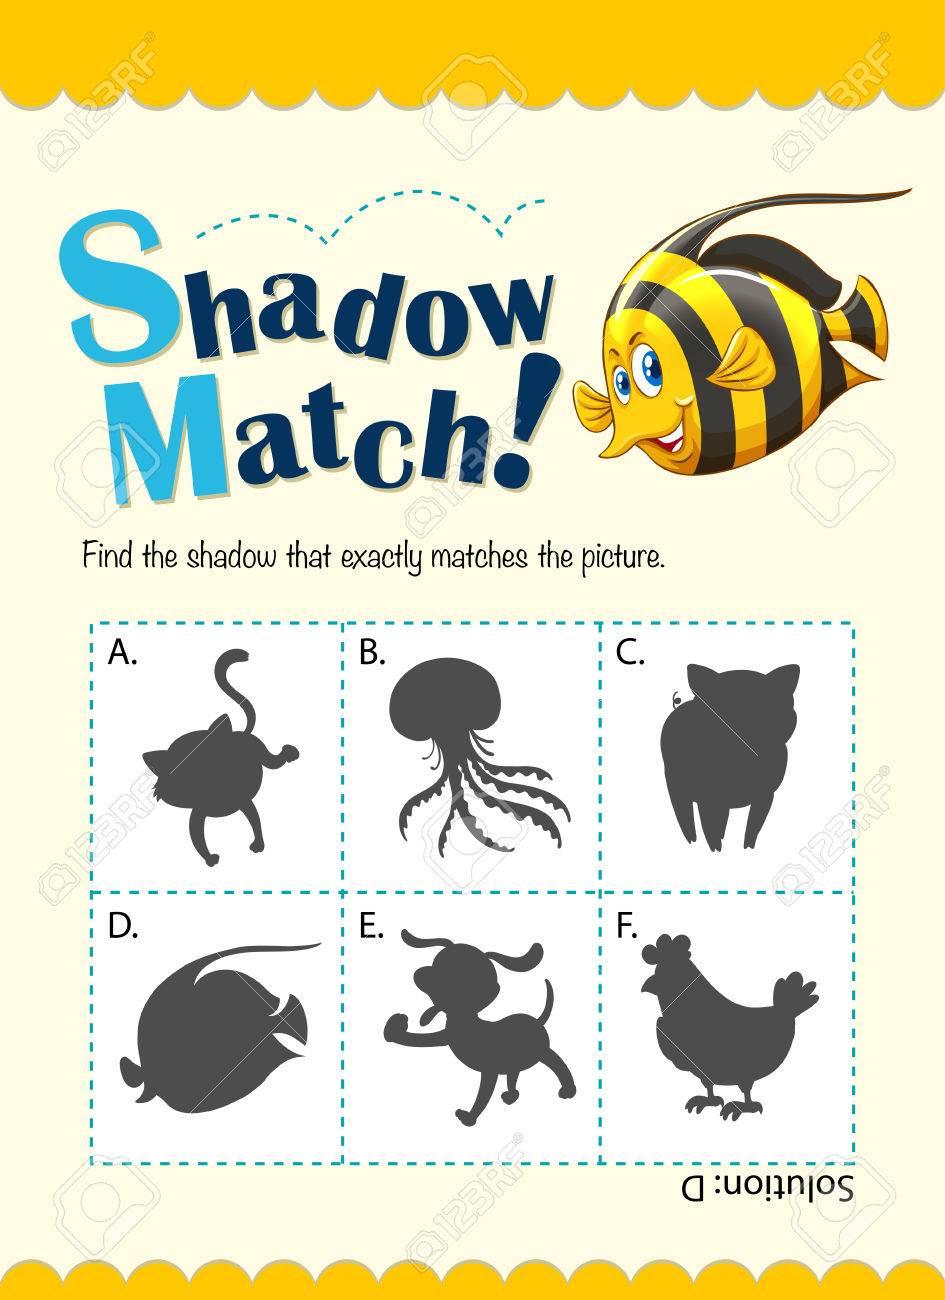 Spiel-Vorlage Für Schatten Matching Fisch Illustration Lizenzfrei ...